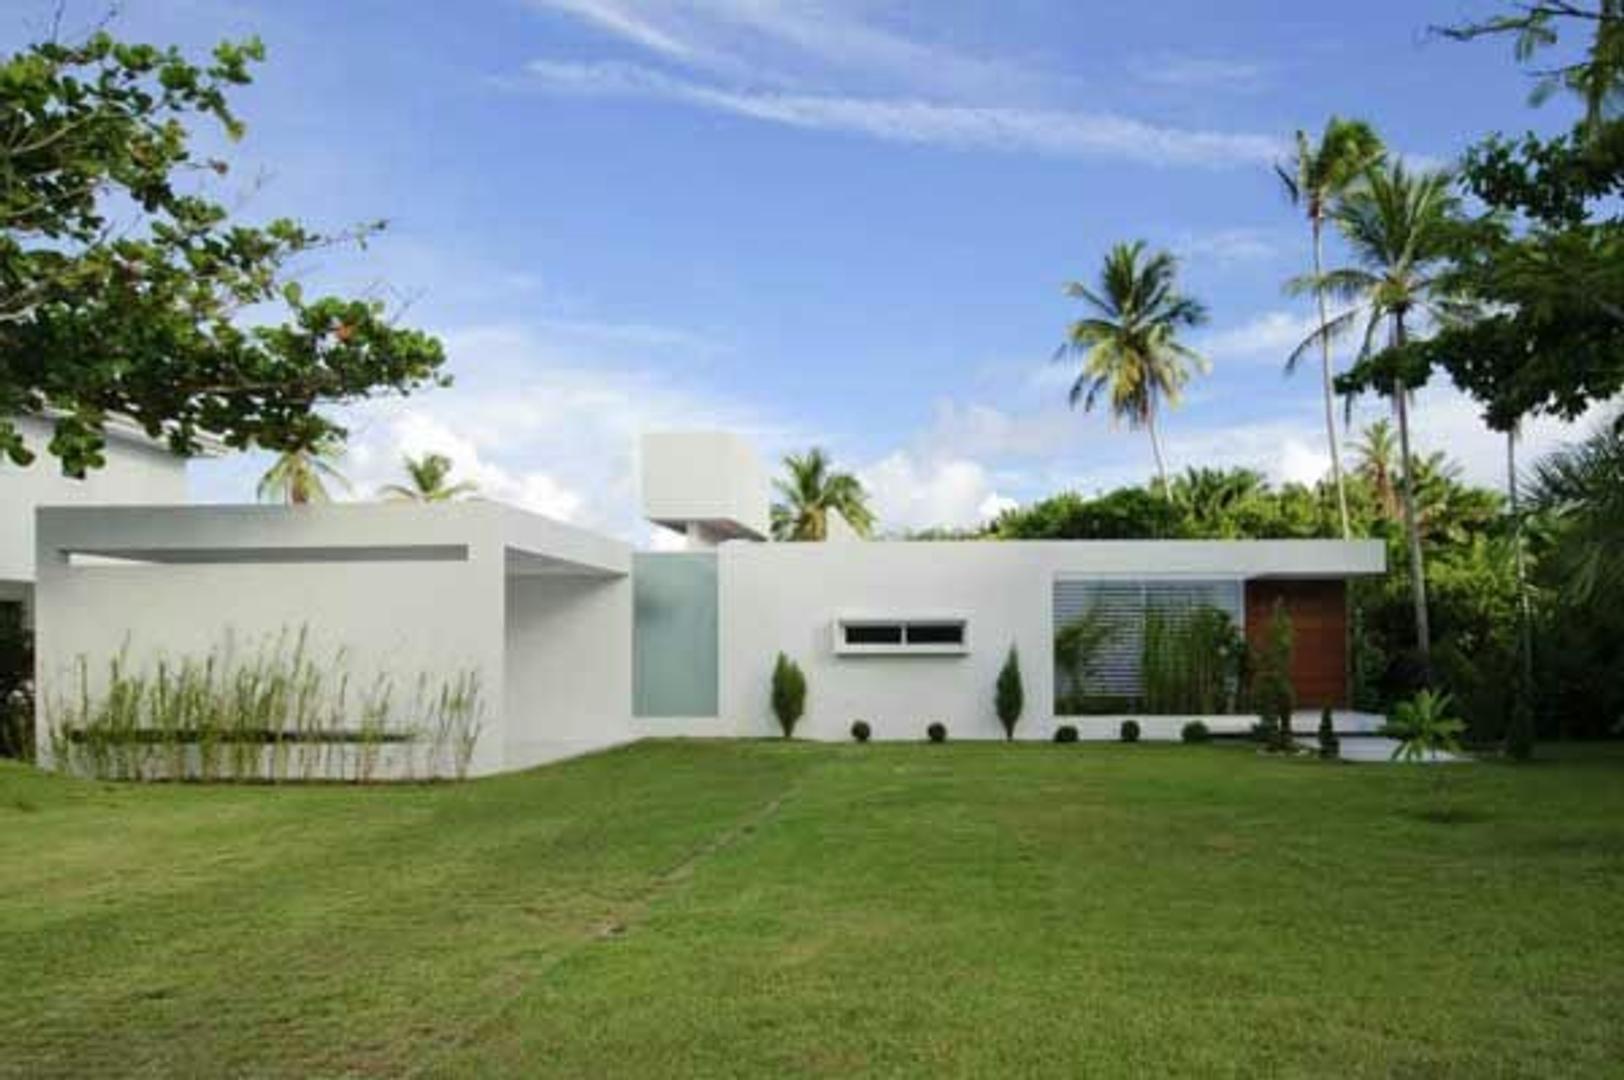 Casa en Venta en General Madariaga - 3 ambientes